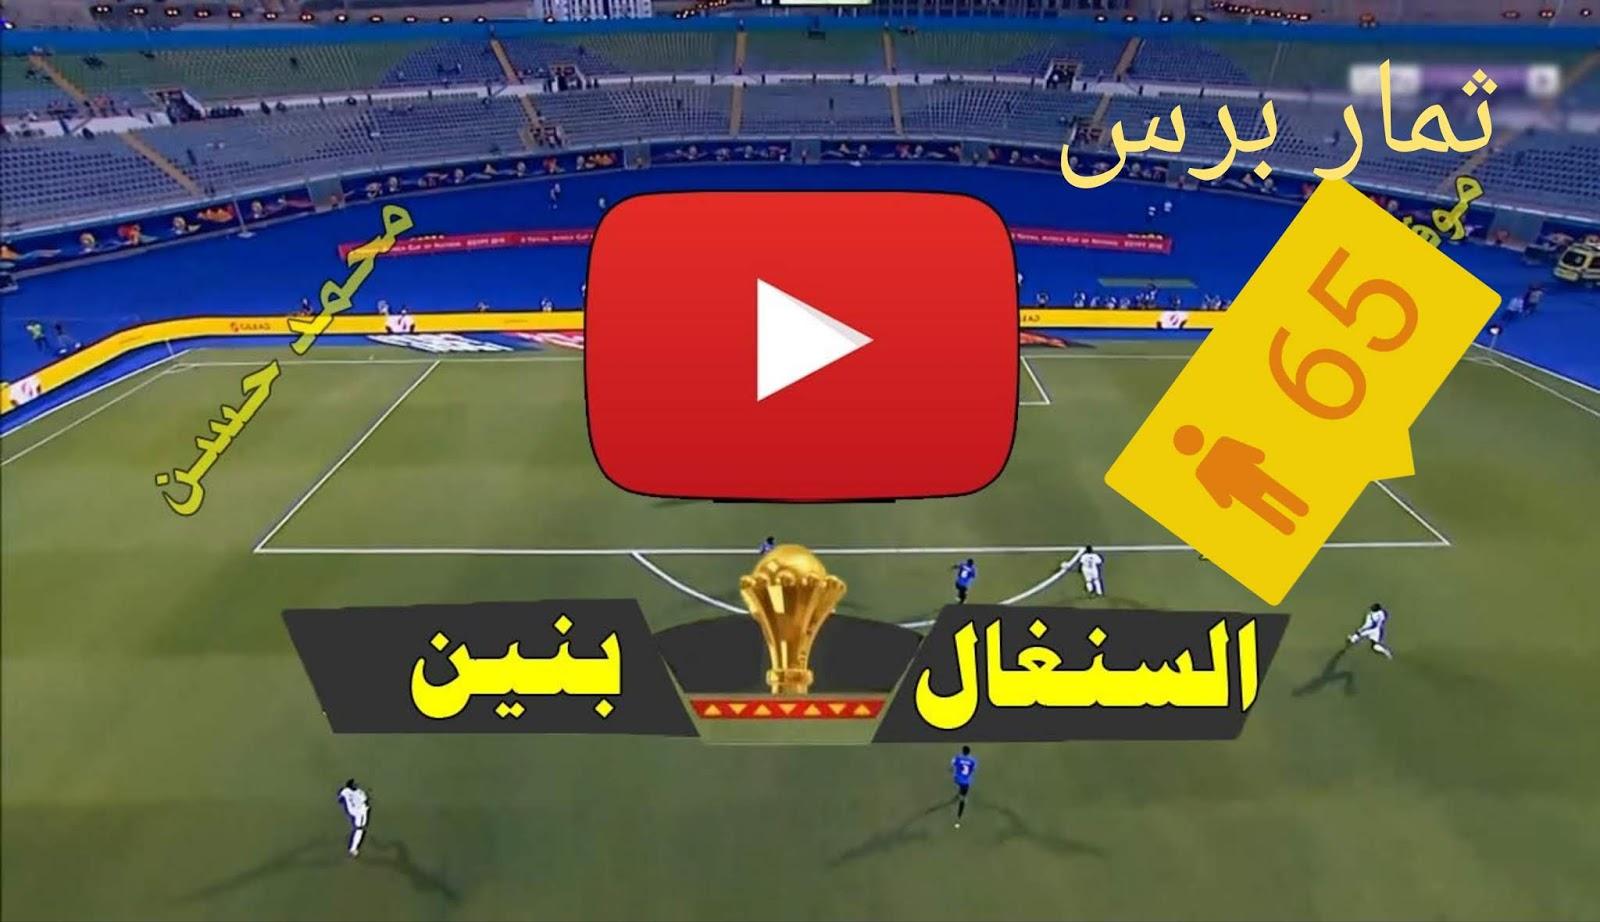 مشاهدة مباراة السنغال وبنين بث مباشر اليوم الأربعاء 10/07/2019 ربع نهائي كأس الأمم الأفريقية